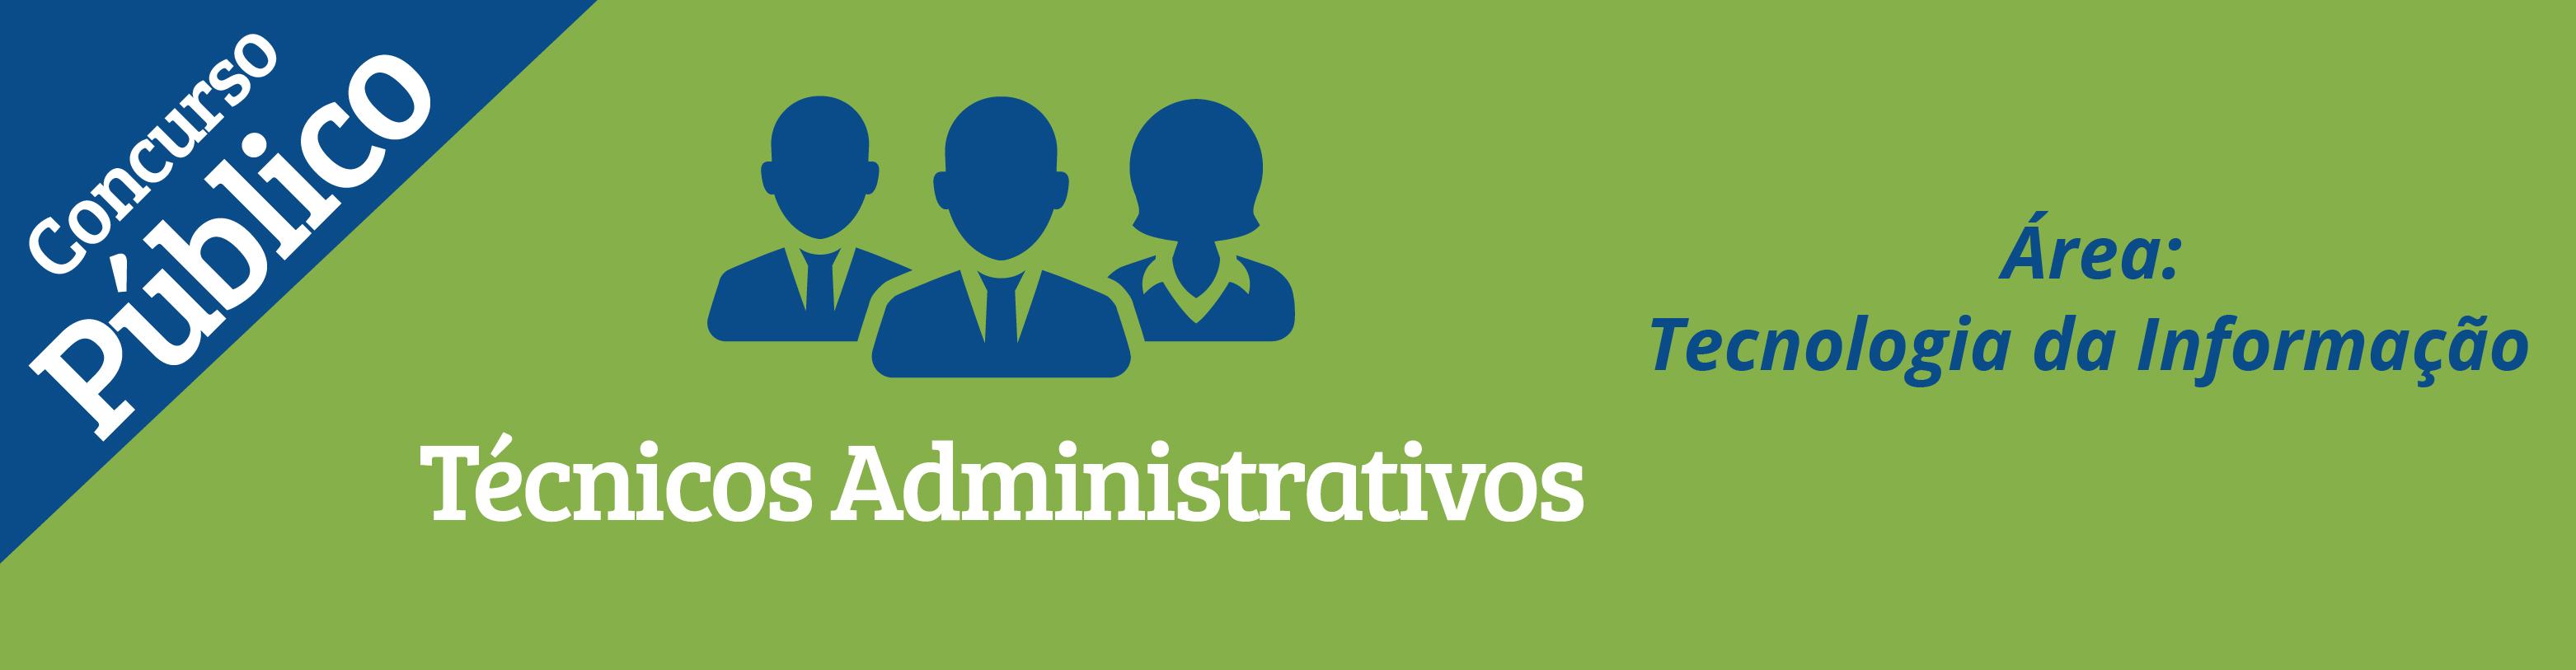 IFSULDEMINAS lança concurso para área de Tecnologia da Informação com atuação em Carmo de Minas, Machado e Reitoria